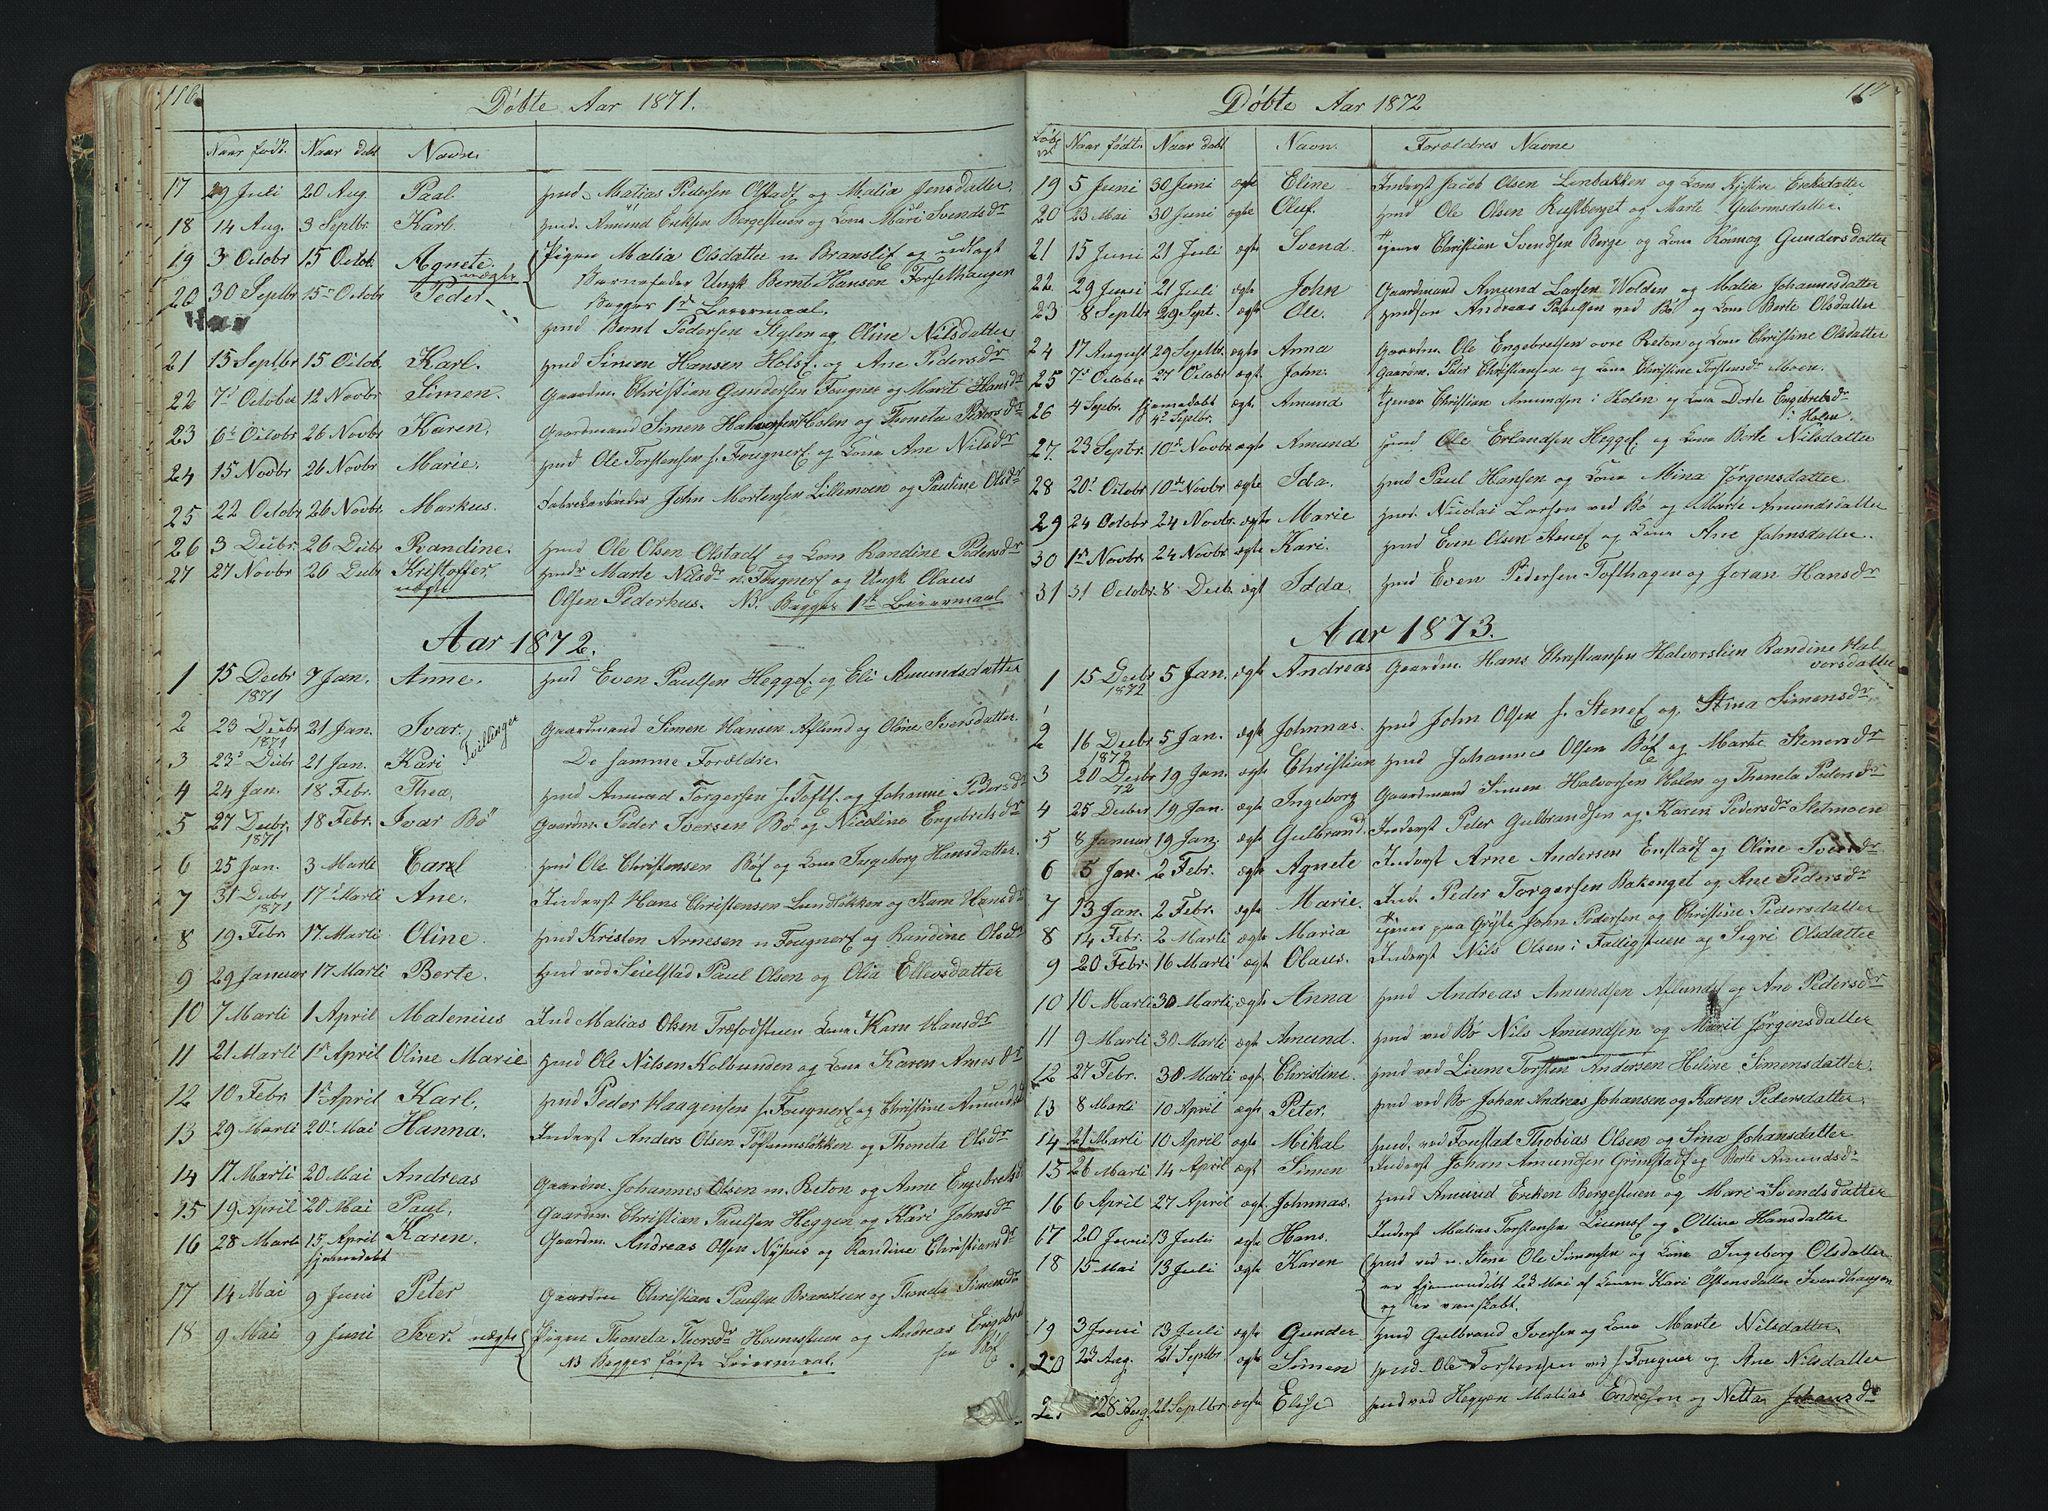 SAH, Gausdal prestekontor, Klokkerbok nr. 6, 1846-1893, s. 116-117